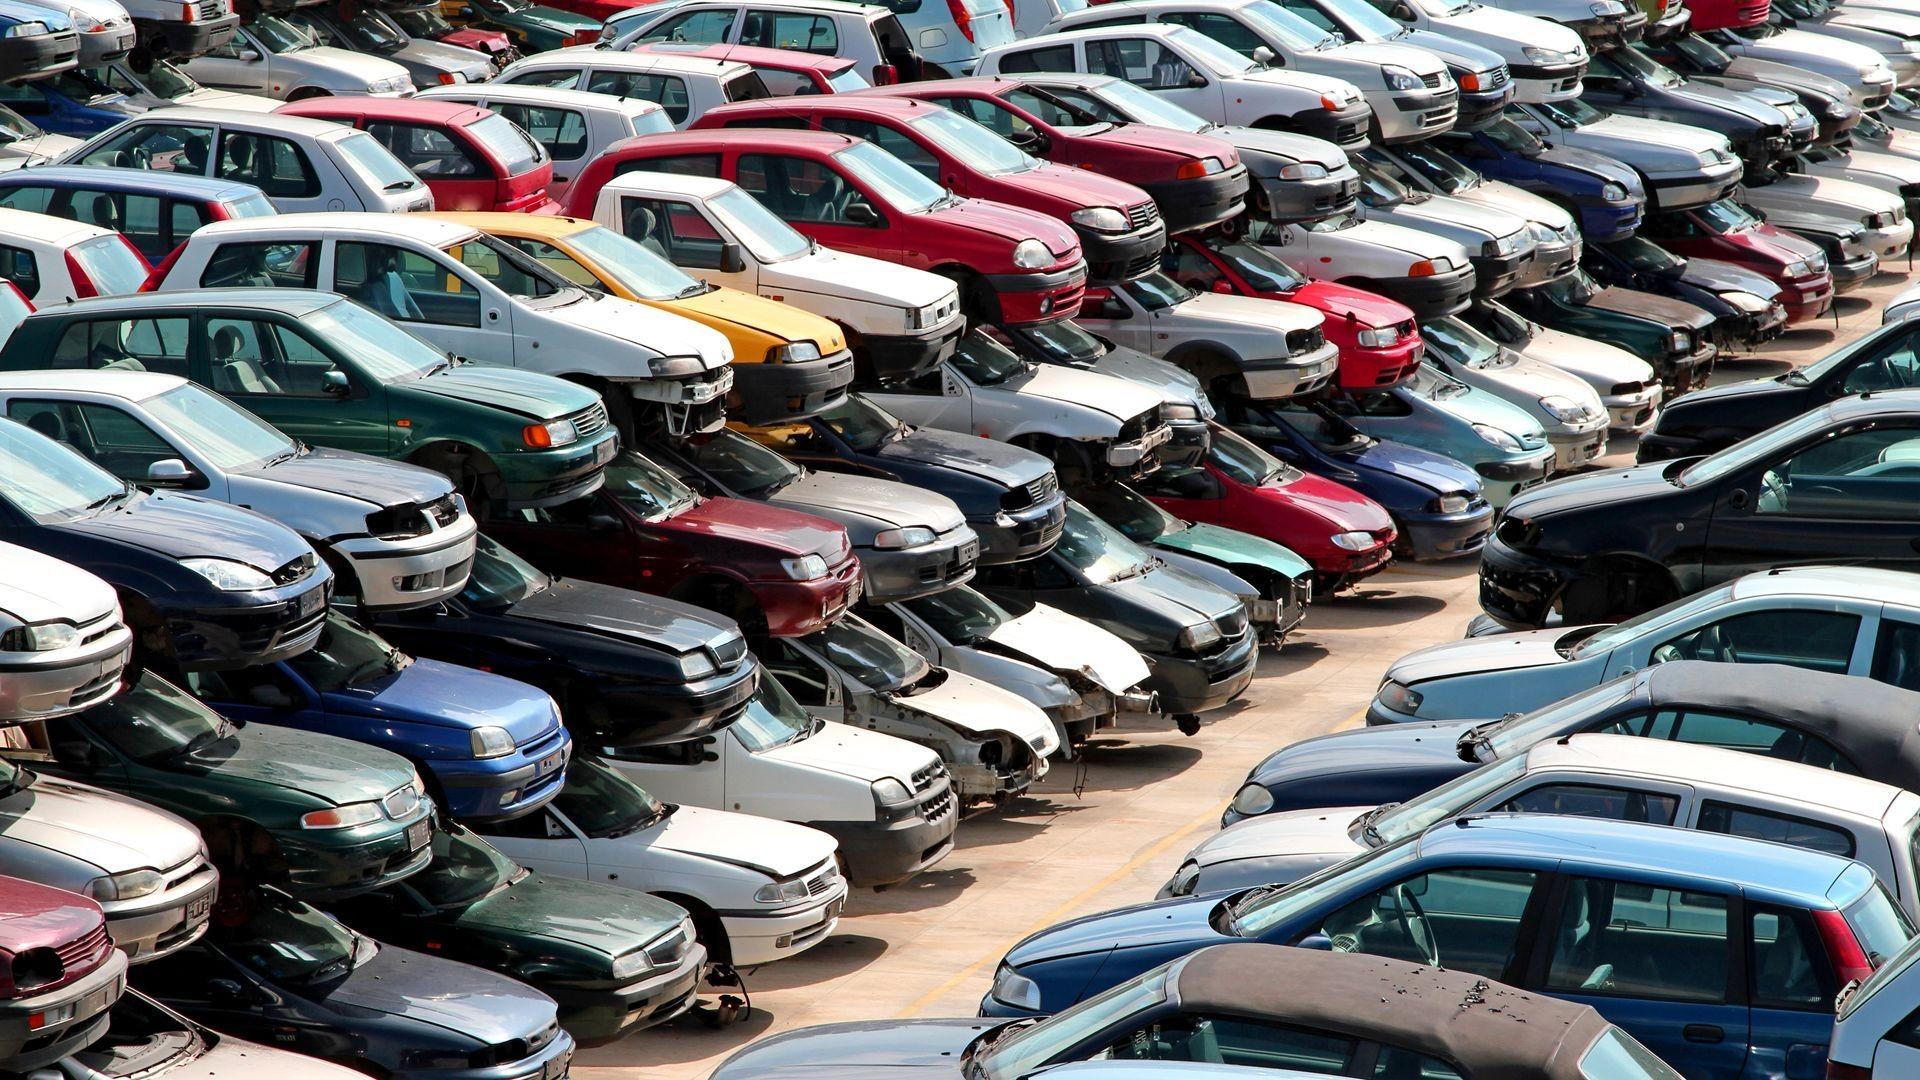 Vender tu coche a un desguace puede ser más seguro